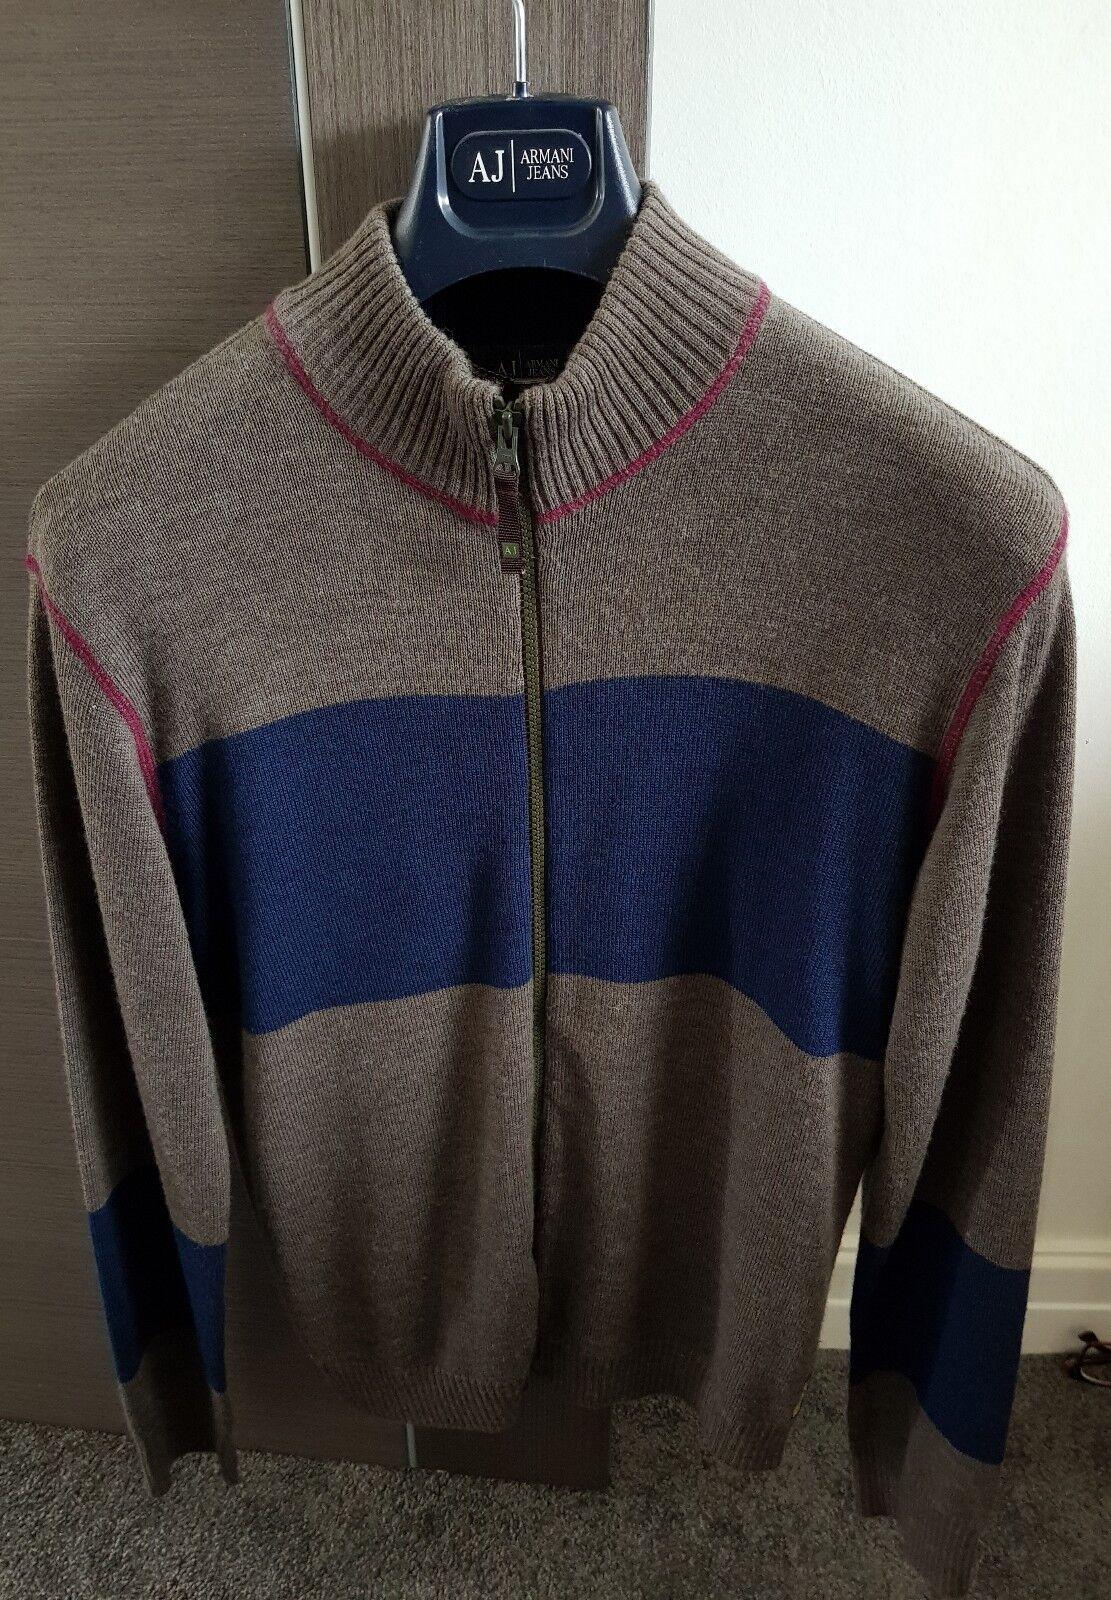 Armani Jeans mens knitwear - medium